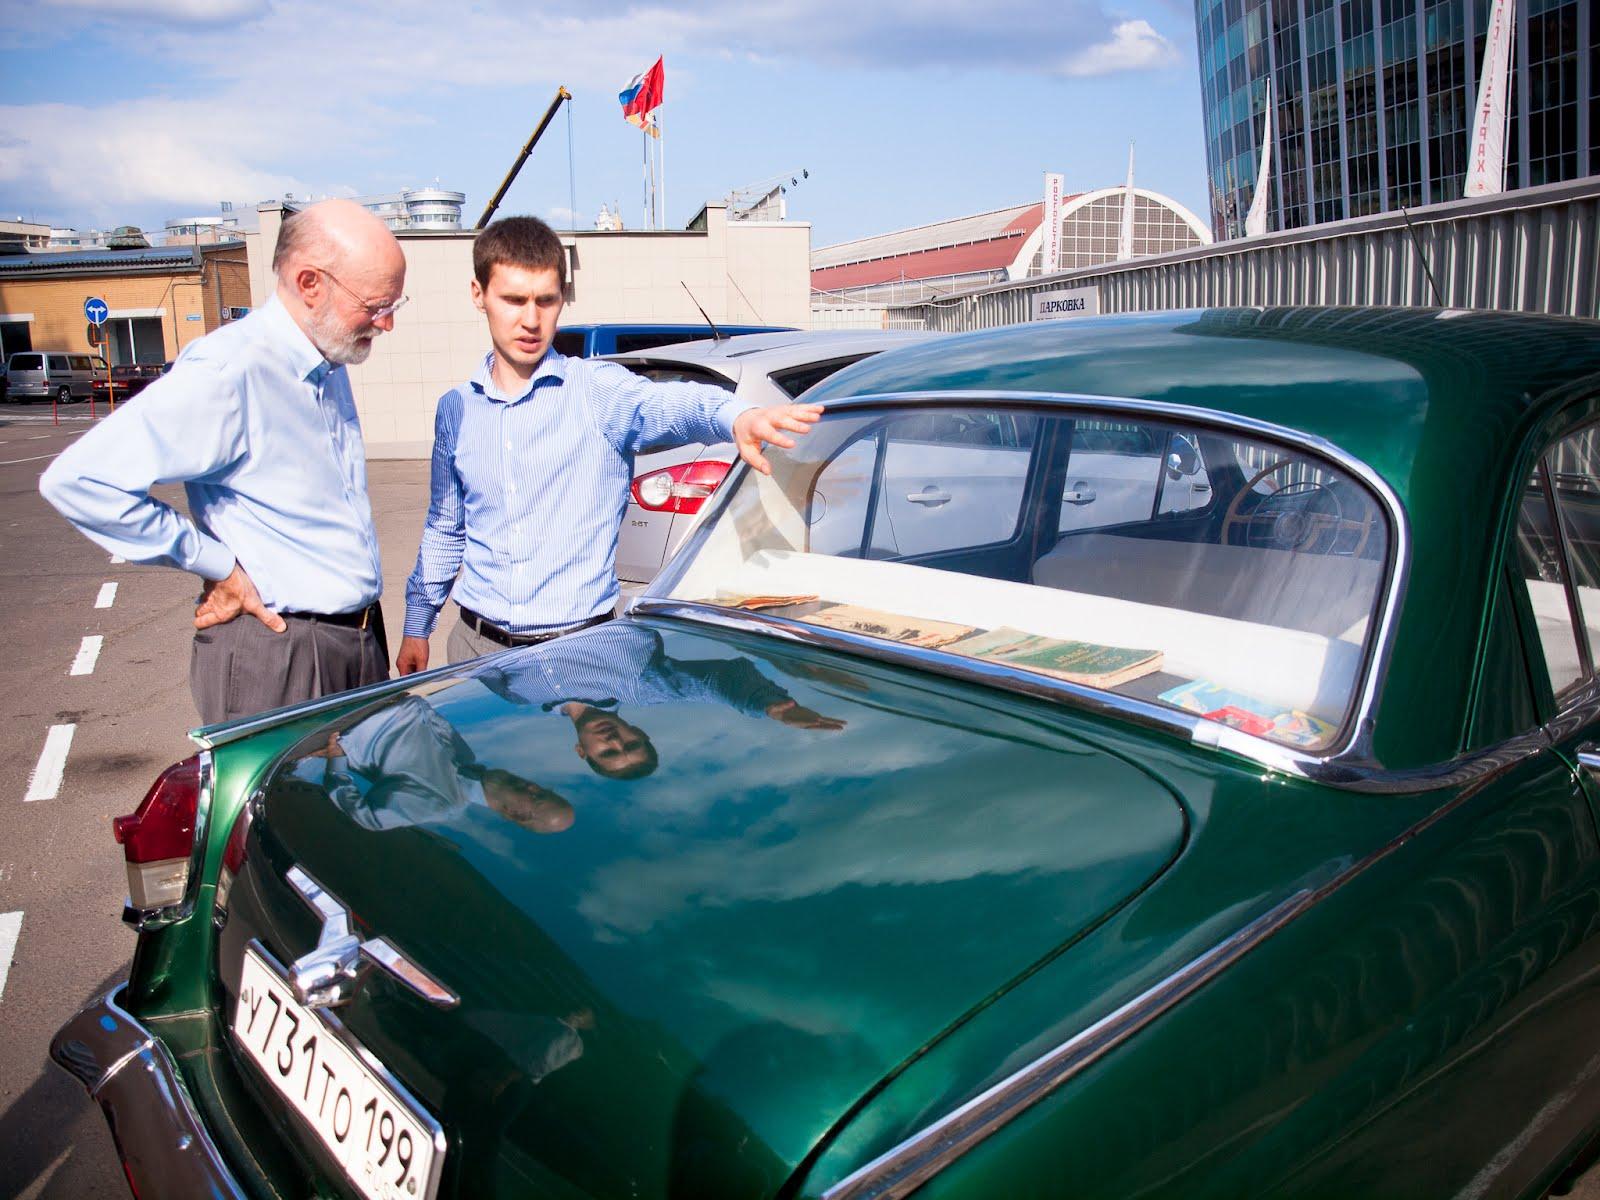 Вячеслав Болтрукевич демонстрирует Джиму Вумеку отечественный раритетный автомобиль